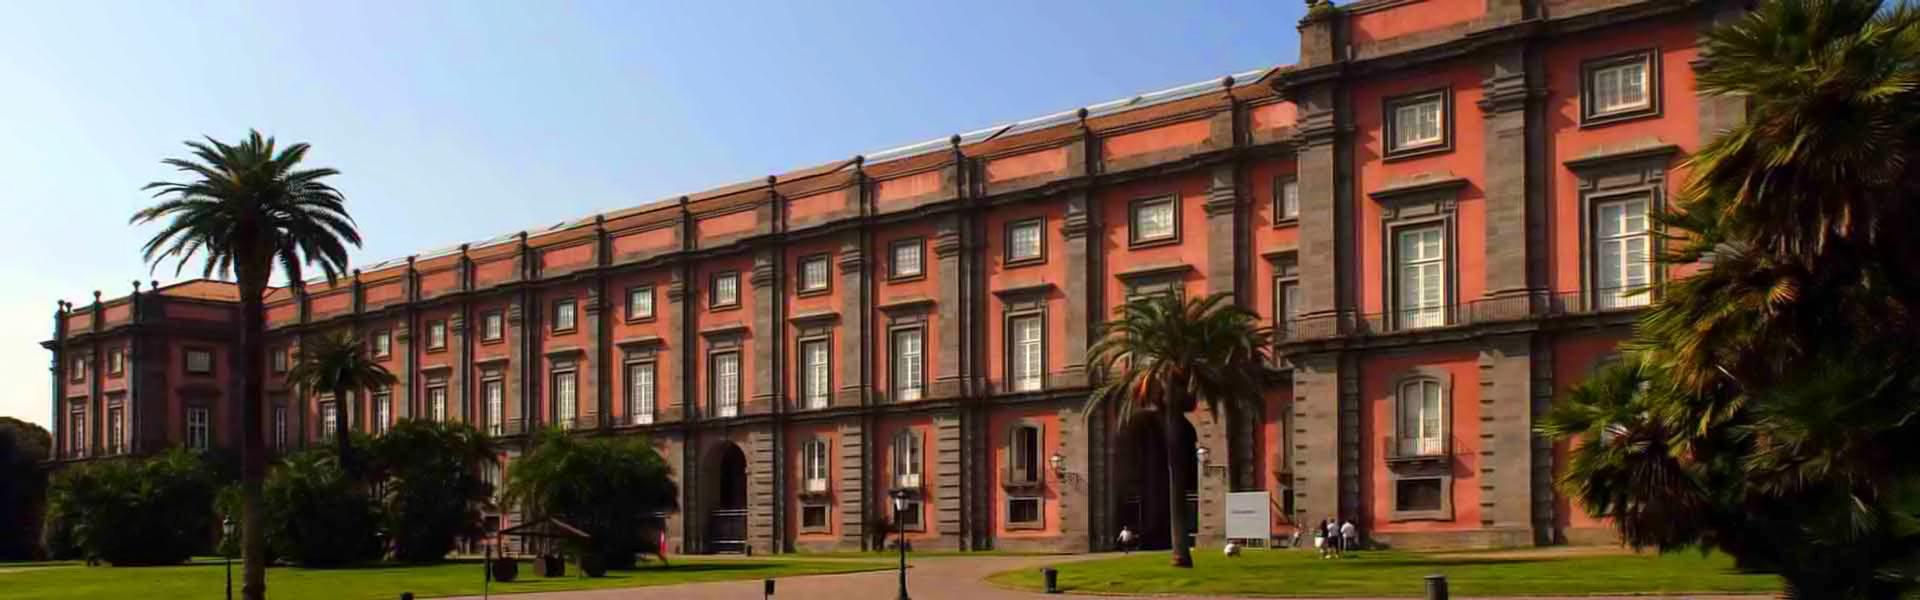 Museo di Capodimonte a Napoli